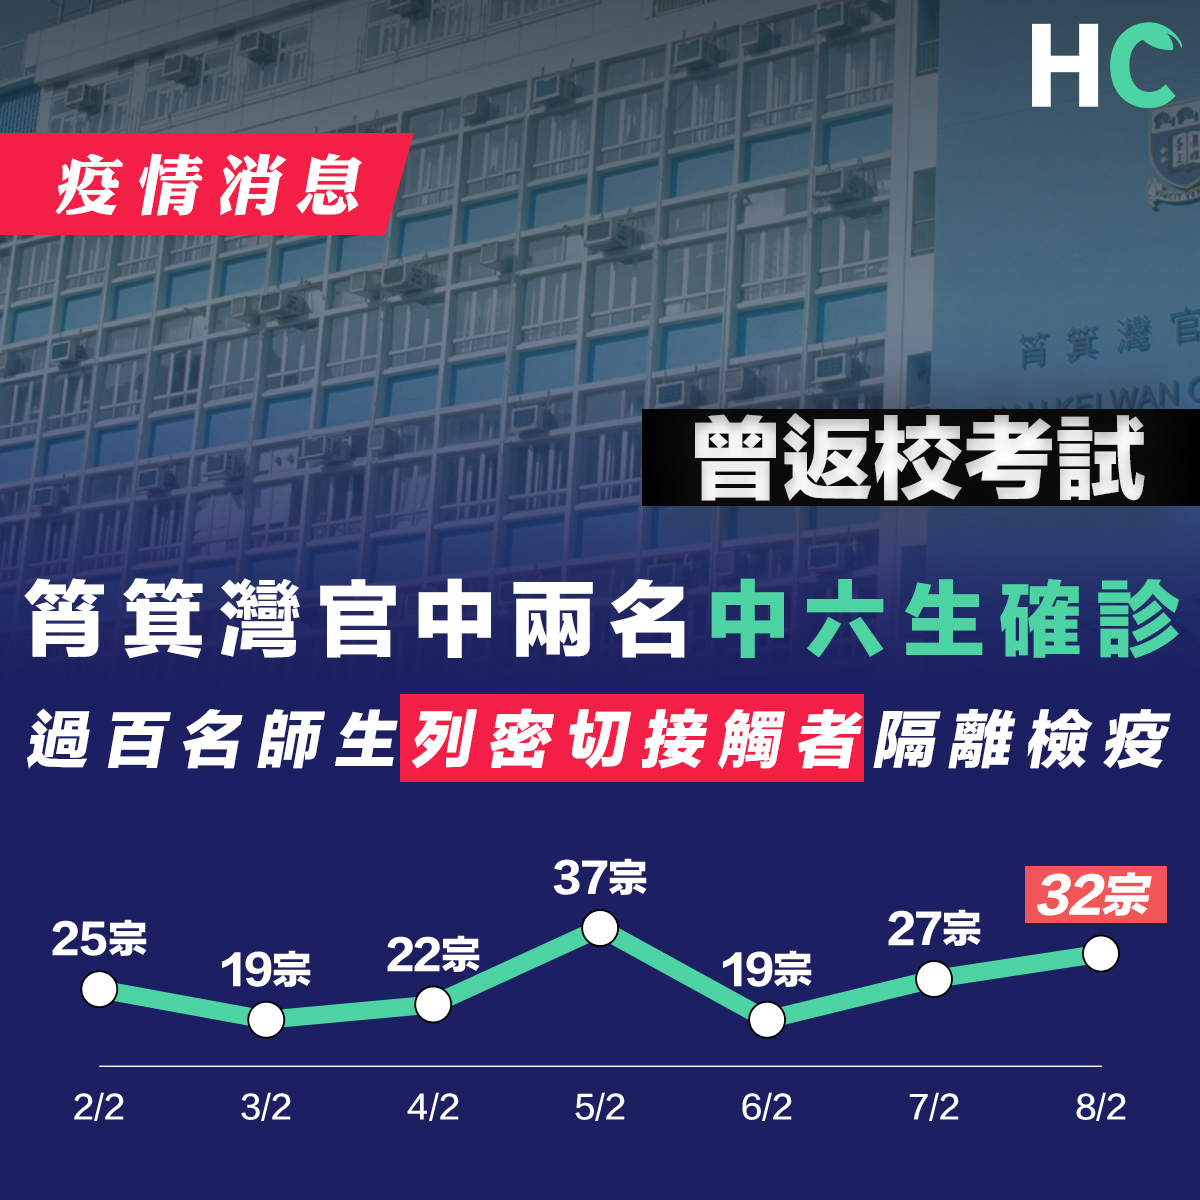 本港新增32宗確診個案 筲箕灣官中過百師生強制檢疫